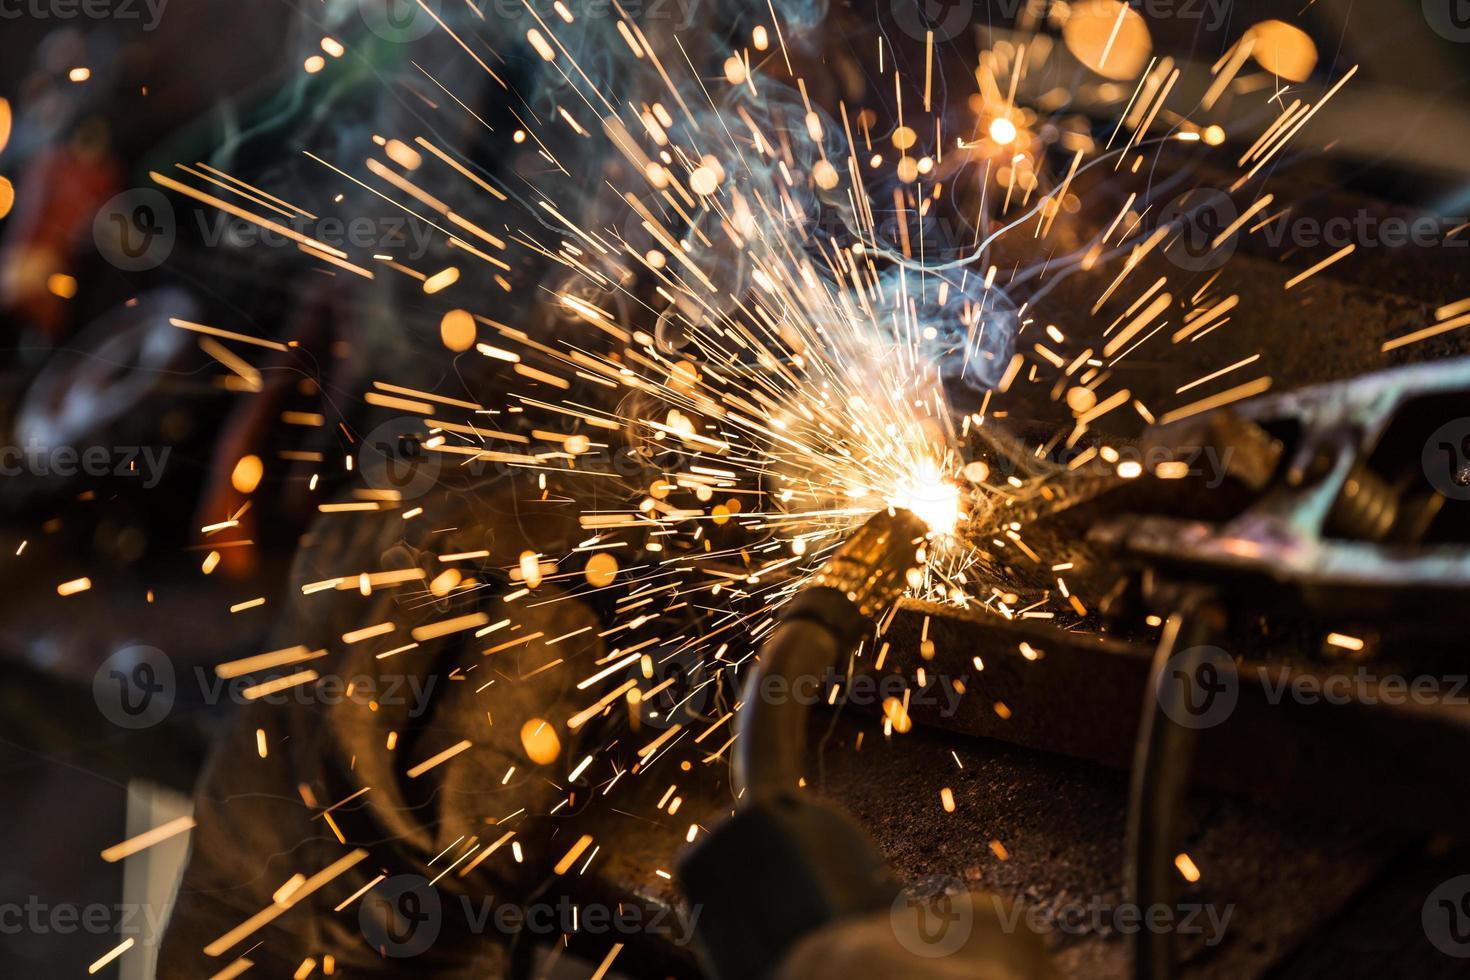 Welders in action photo